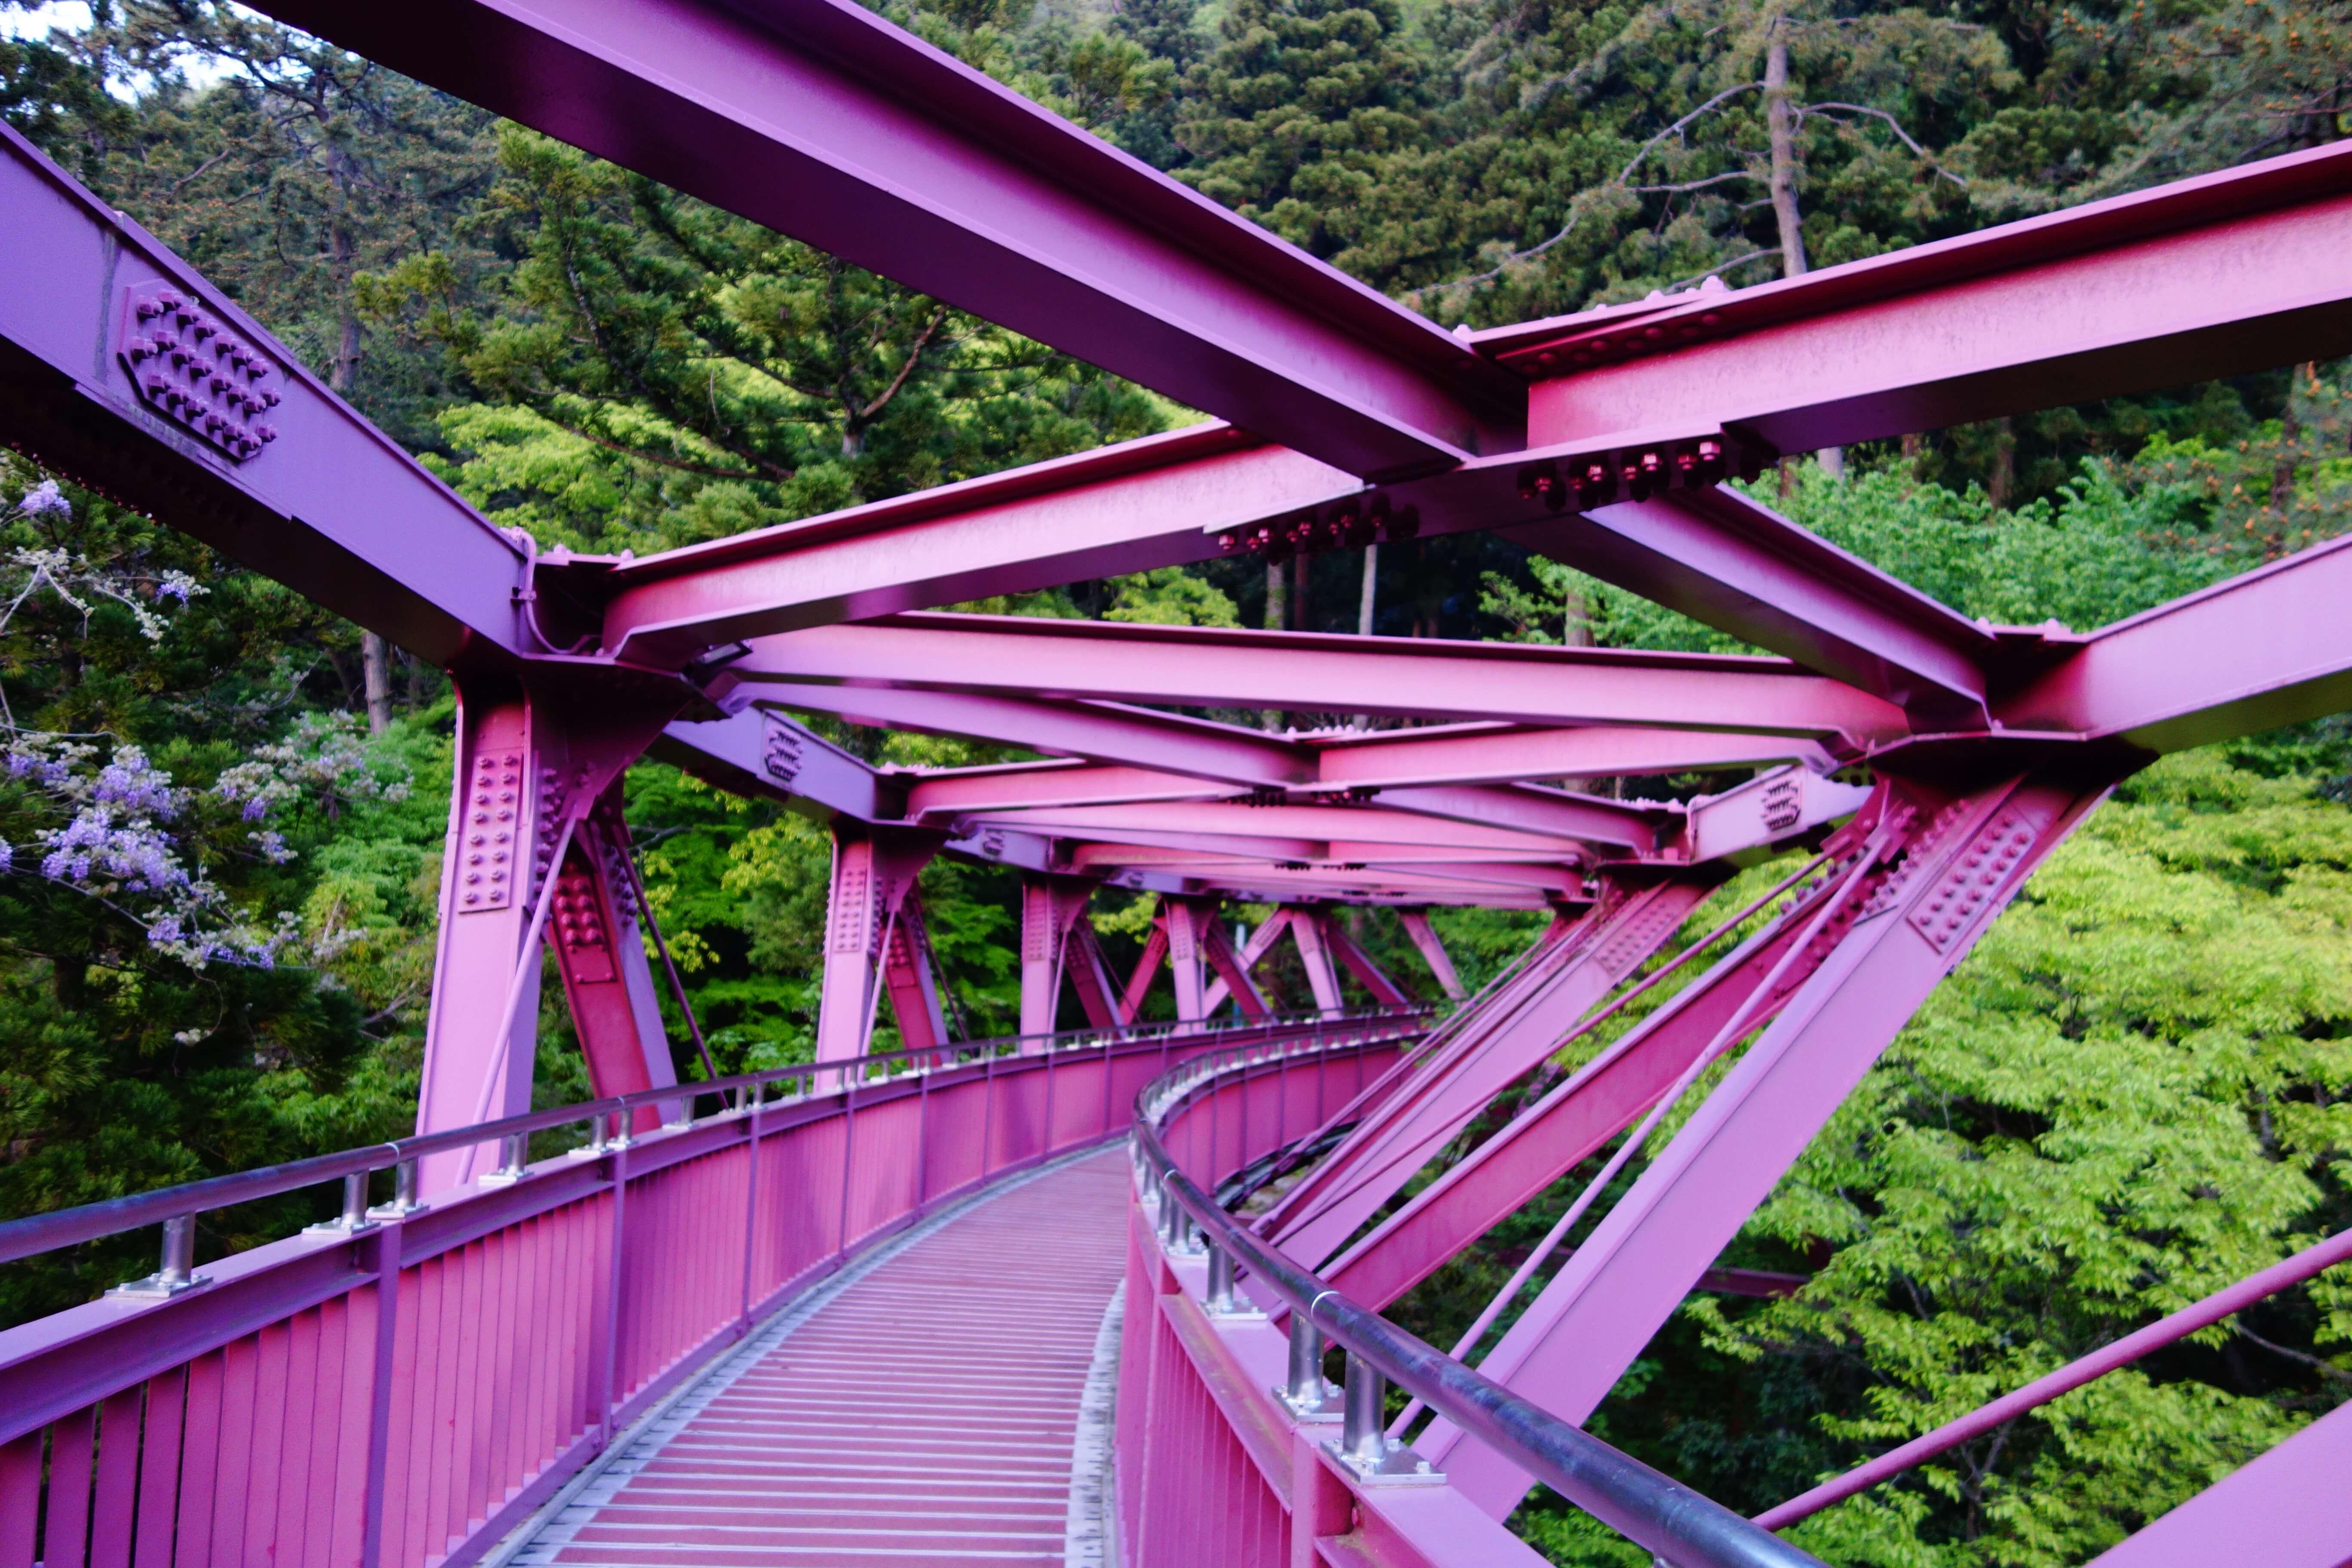 あやとりはし|加賀市にある山中温泉近くのワインレッドの鉄骨橋をご紹介!